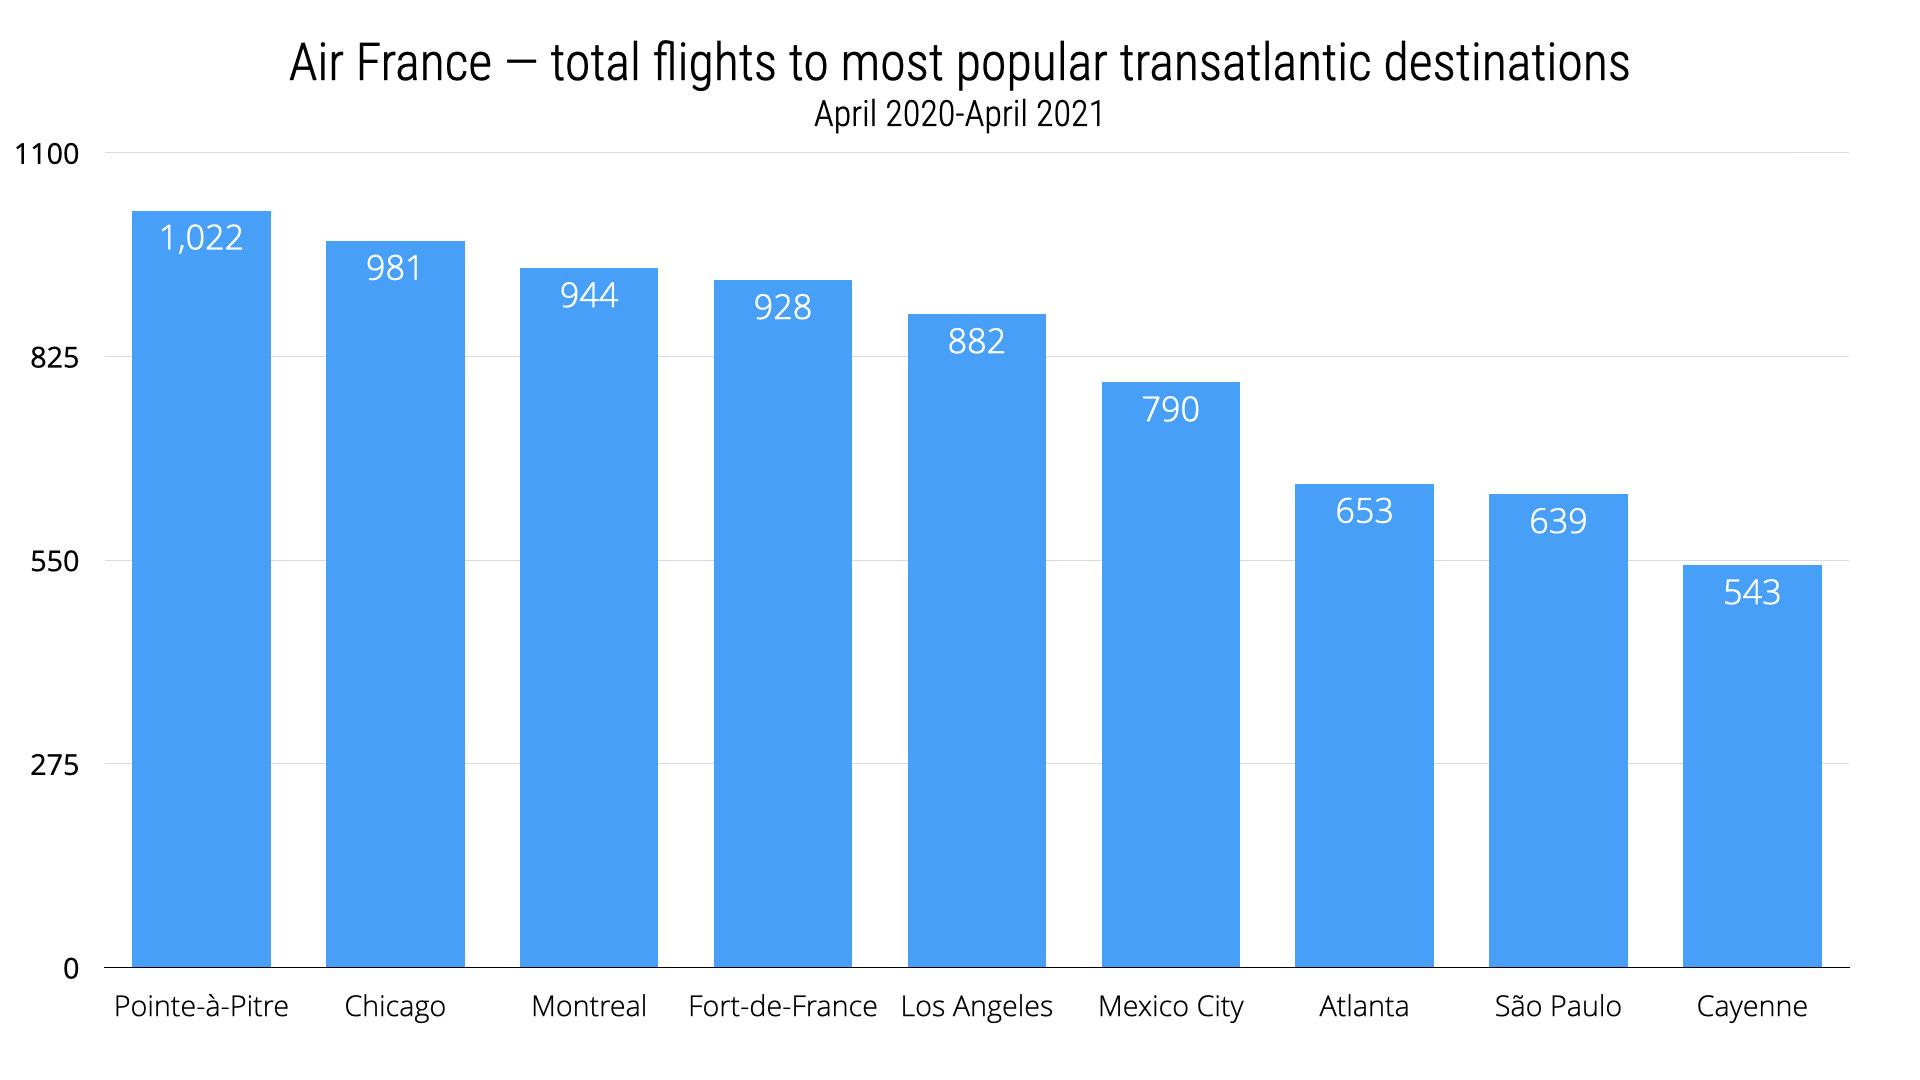 Air France Top 10 transatlantic destinations